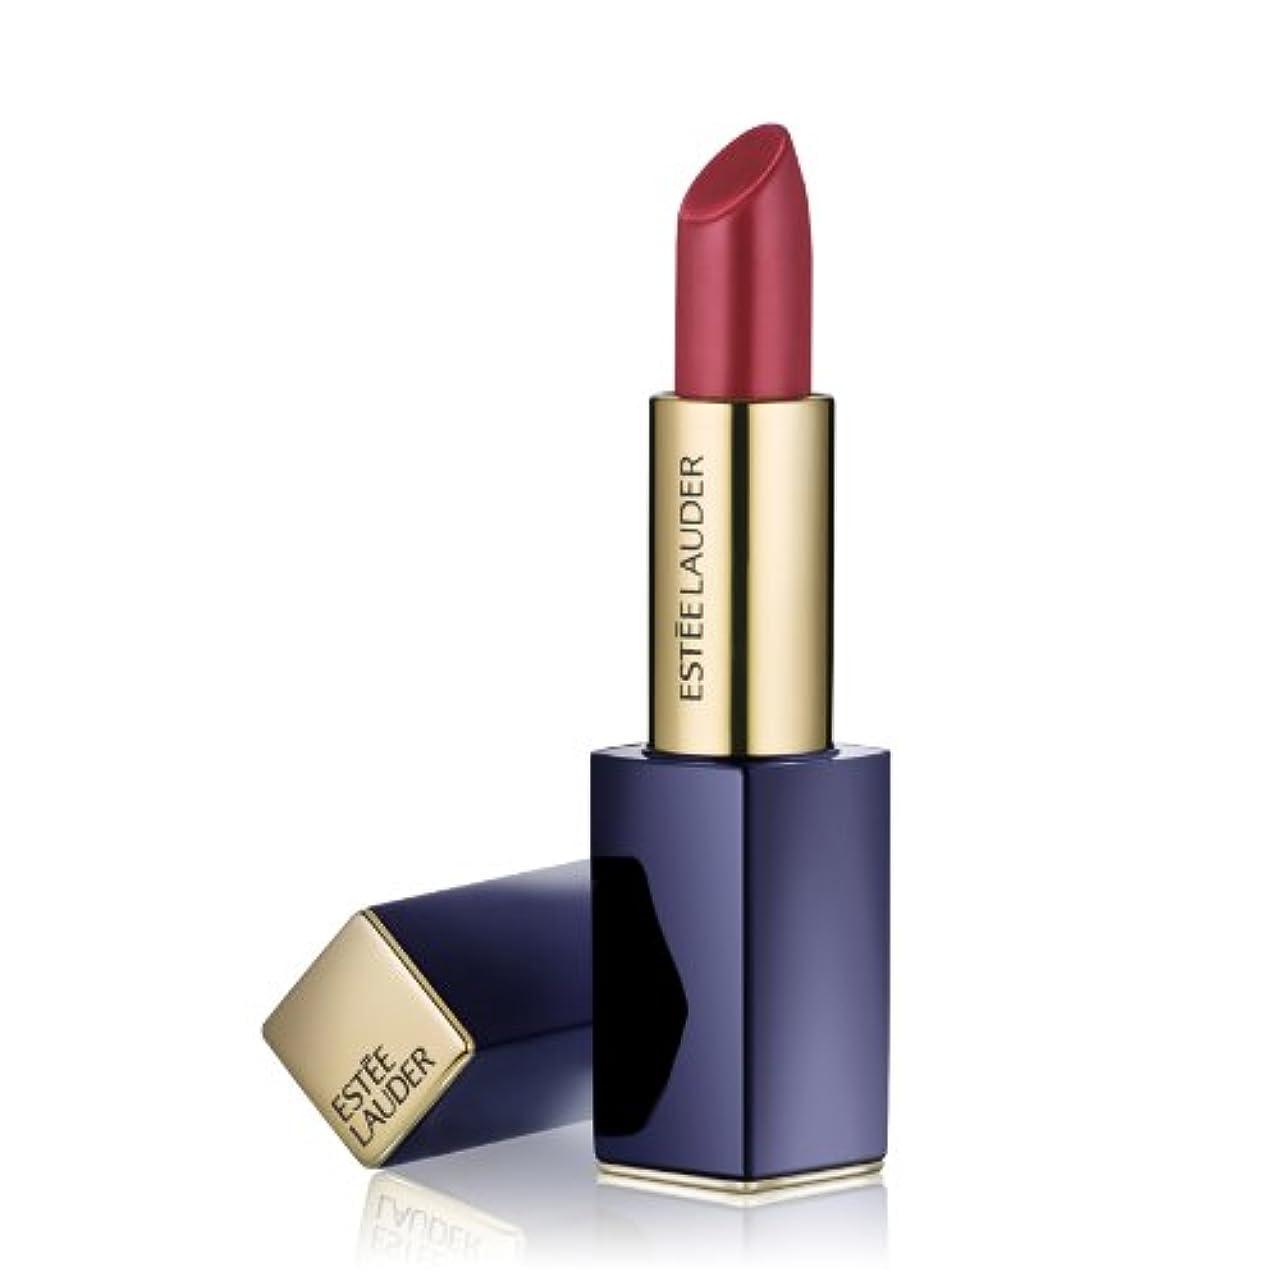 暫定広告する最もエスティローダー Pure Color Envy Sculpting Lipstick - # 240 Tumultuous Pink 3.5g/0.12oz